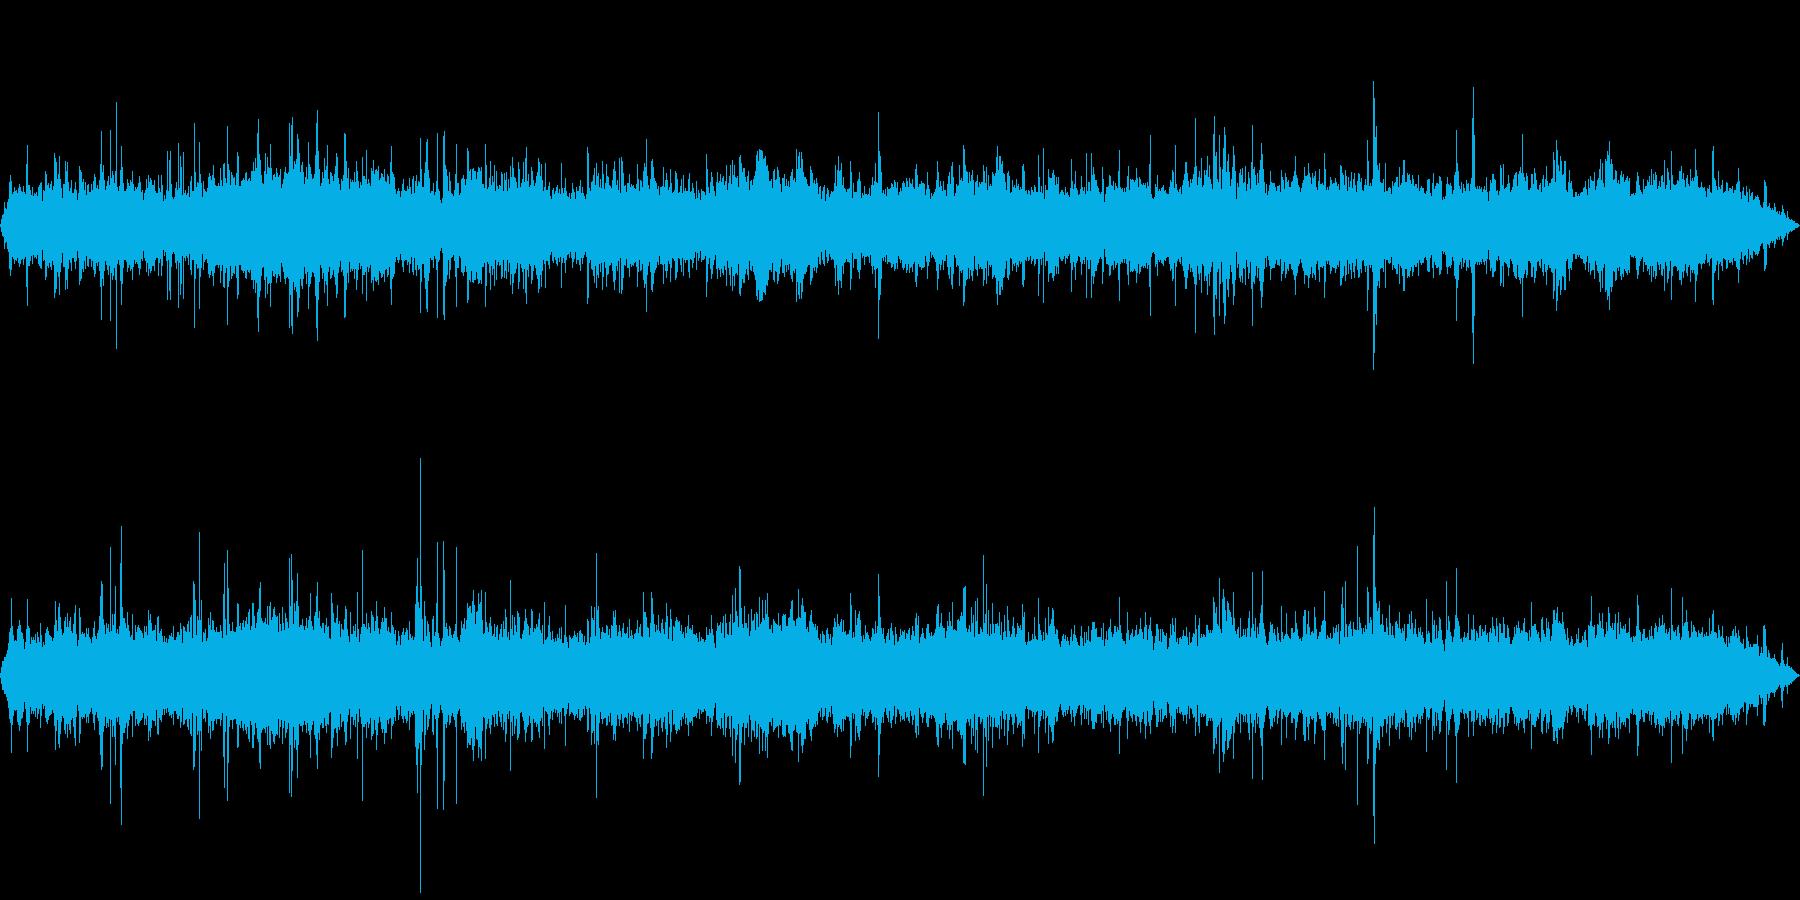 環境音-スーパーマーケット(レジ付近)の再生済みの波形